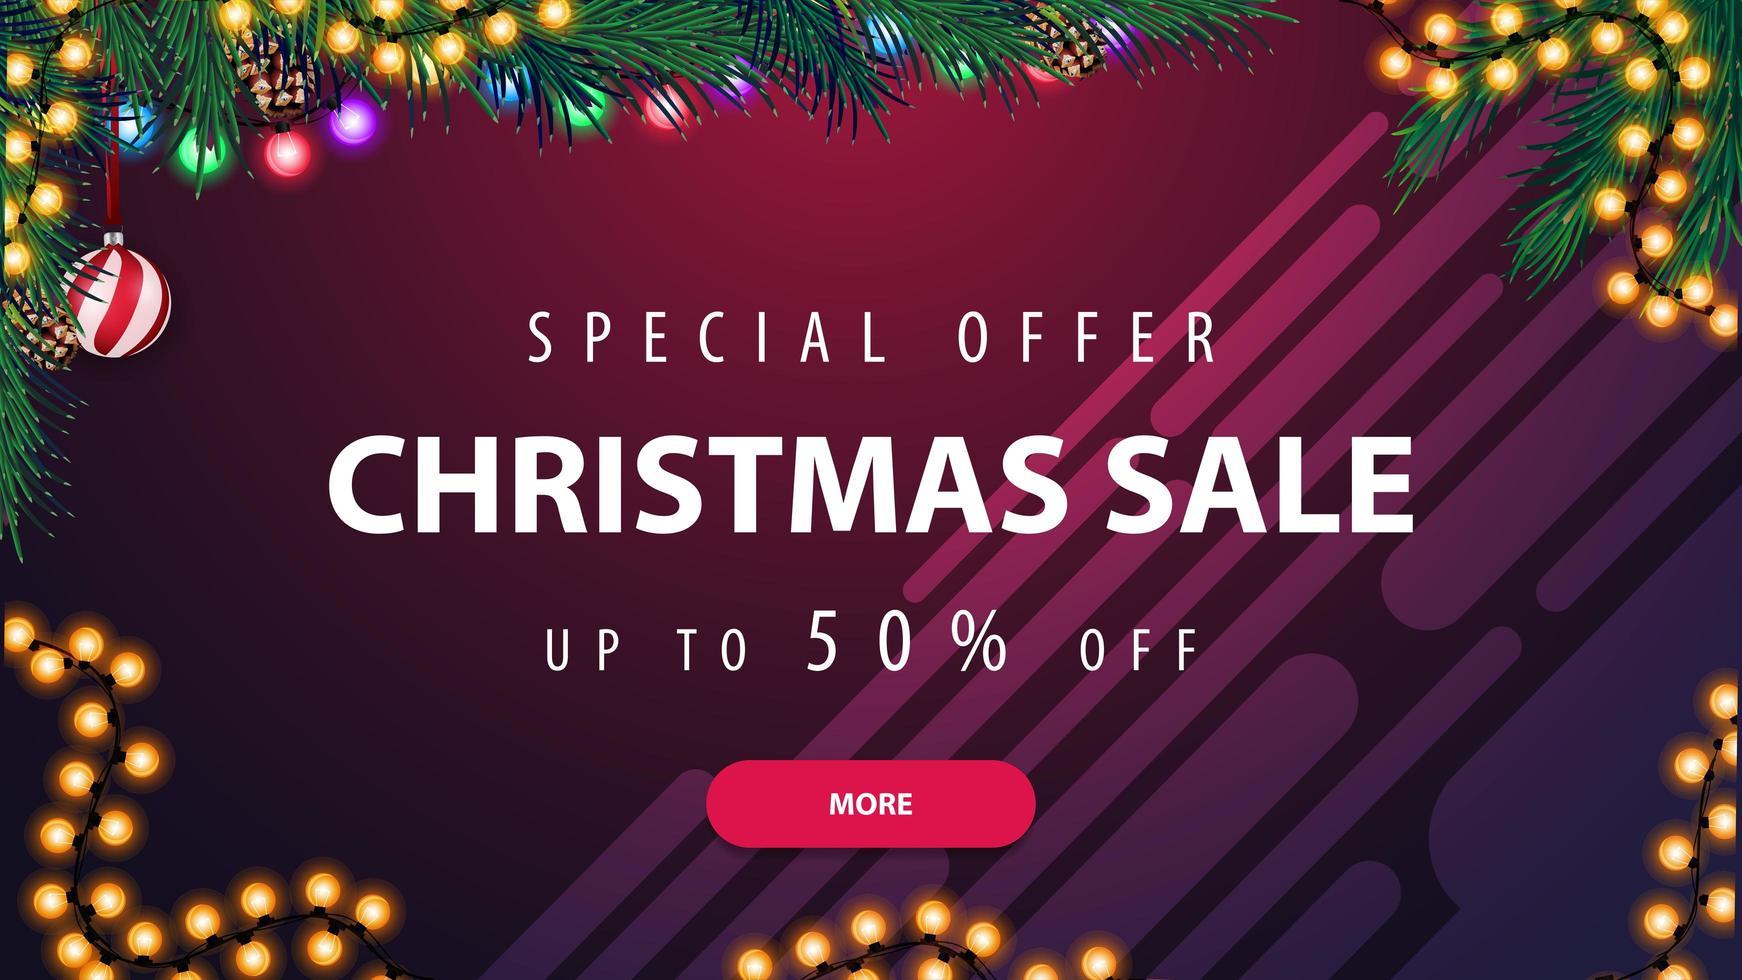 oferta especial, liquidação de natal, desconto de até 50, banner horizontal roxo de desconto com guirlanda e galho de árvore de natal vetor